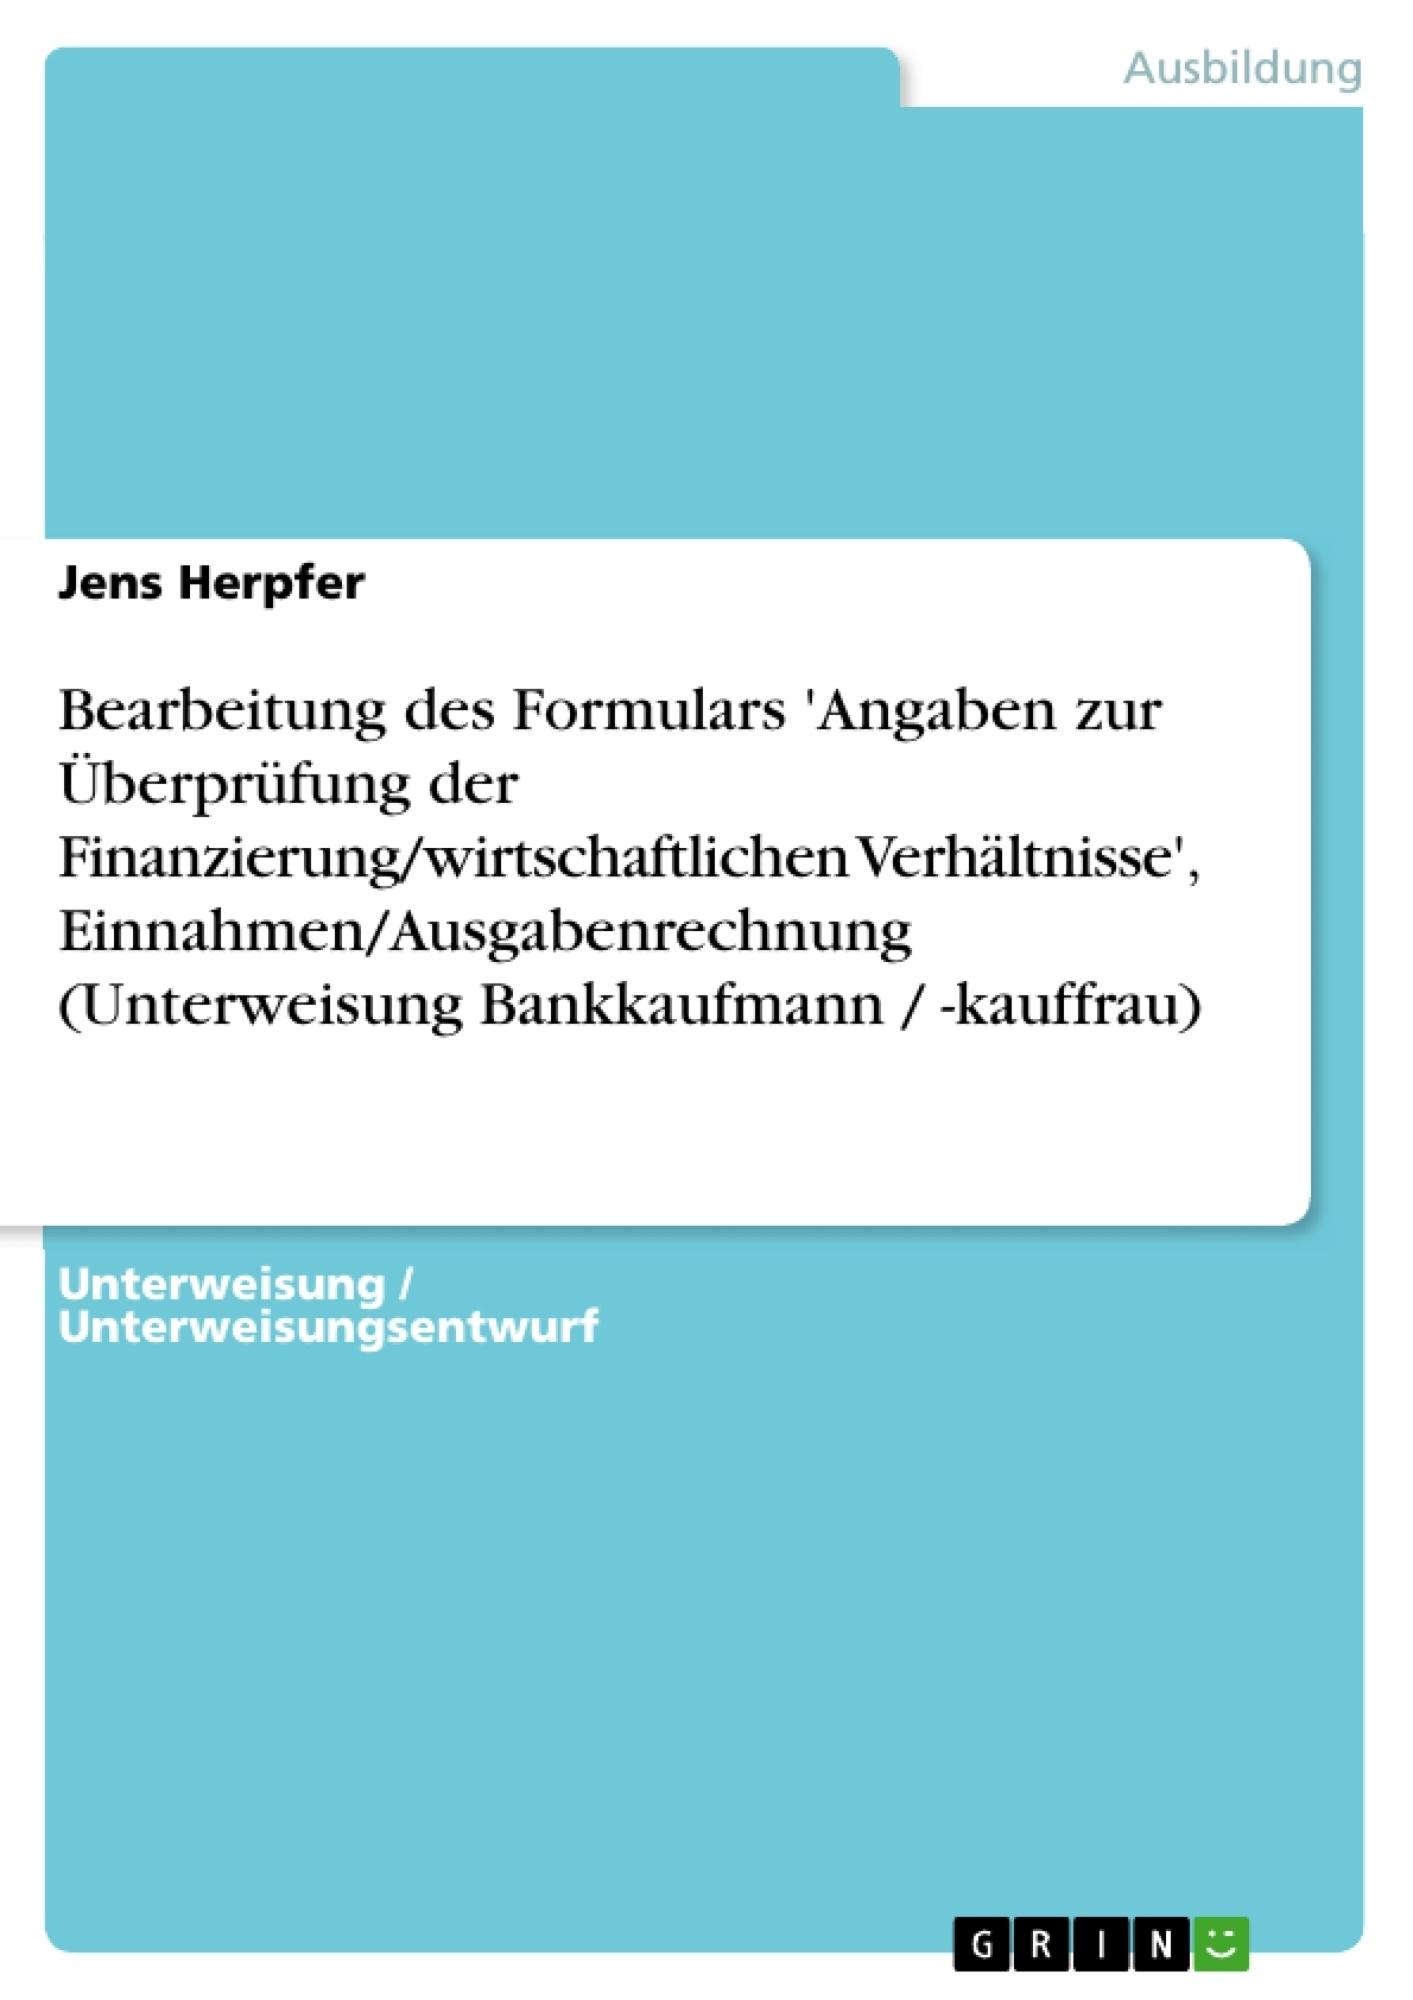 Titel: Bearbeitung des Formulars 'Angaben zur Überprüfung der Finanzierung/wirtschaftlichen Verhältnisse', Einnahmen/Ausgabenrechnung (Unterweisung Bankkaufmann / -kauffrau)